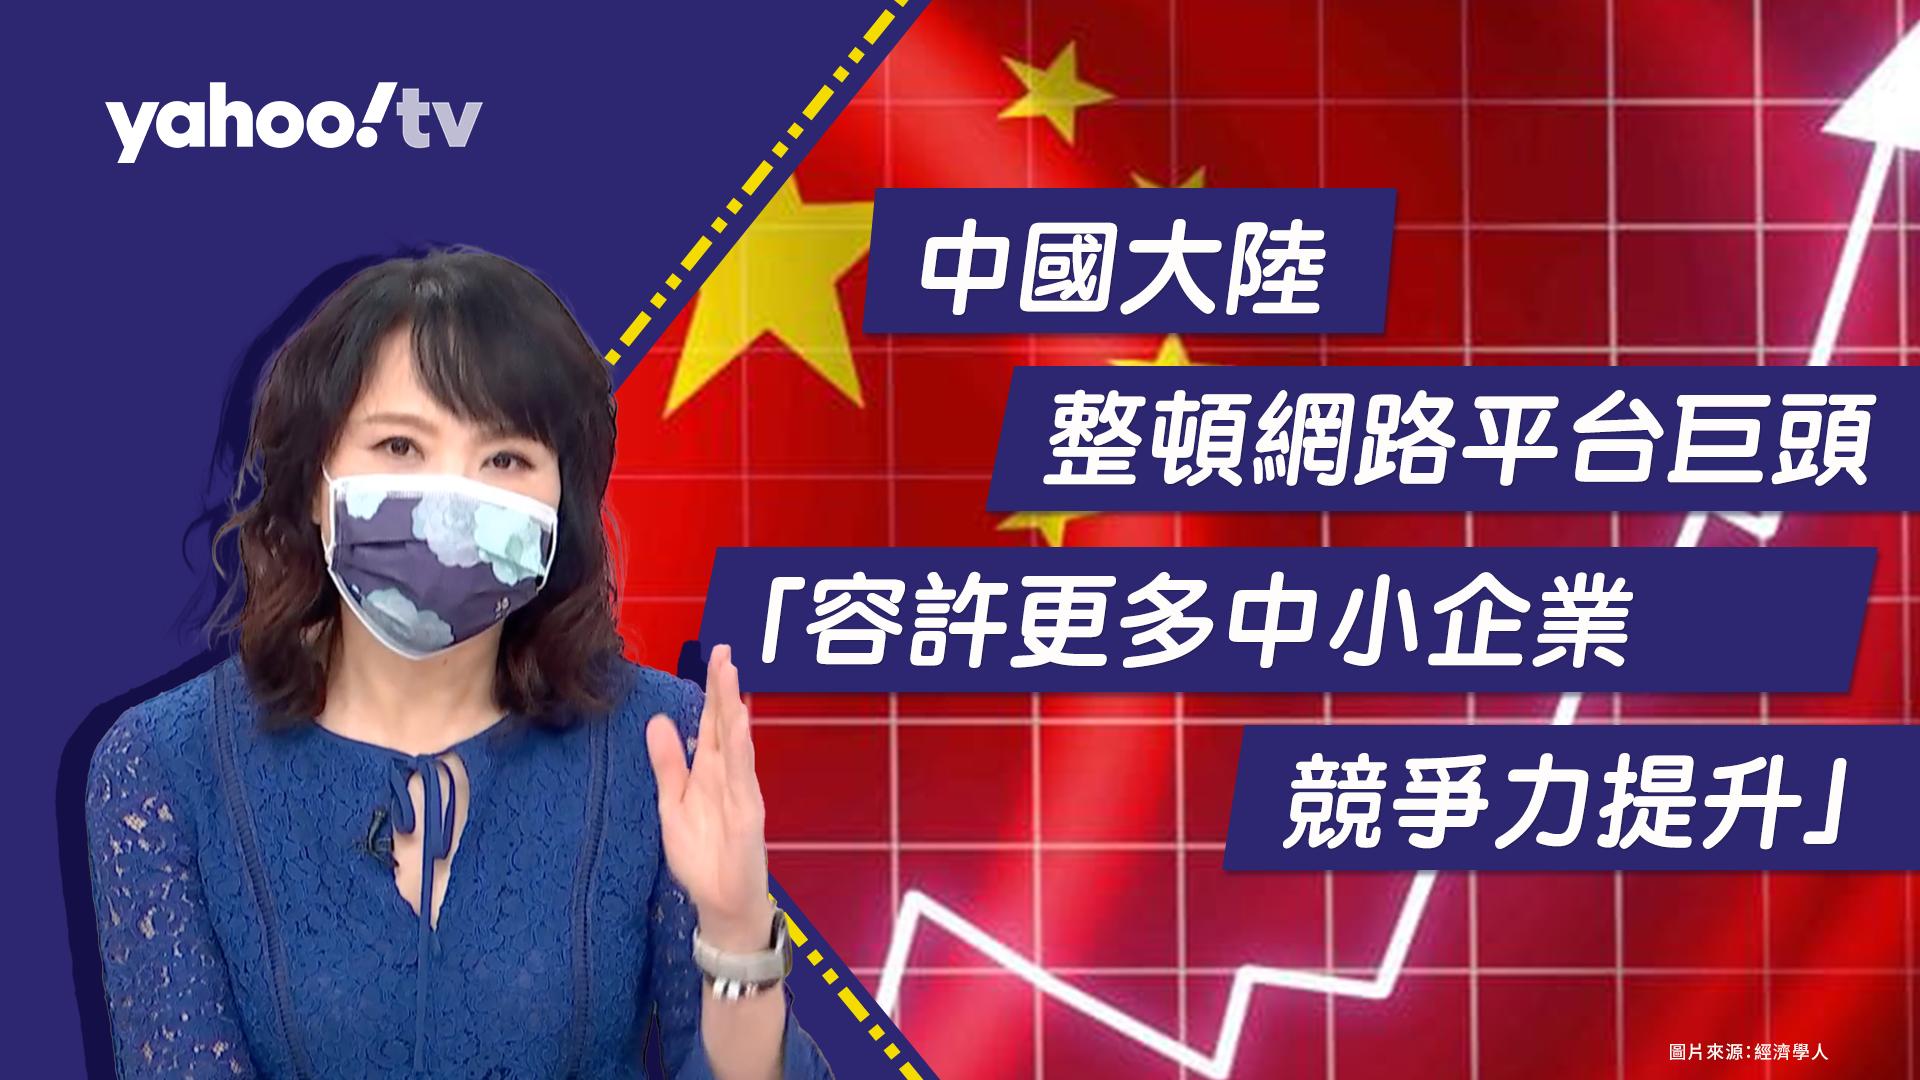 中國大陸整頓網路平台巨頭 陳鳳馨:容許更多中小企業競爭力提升